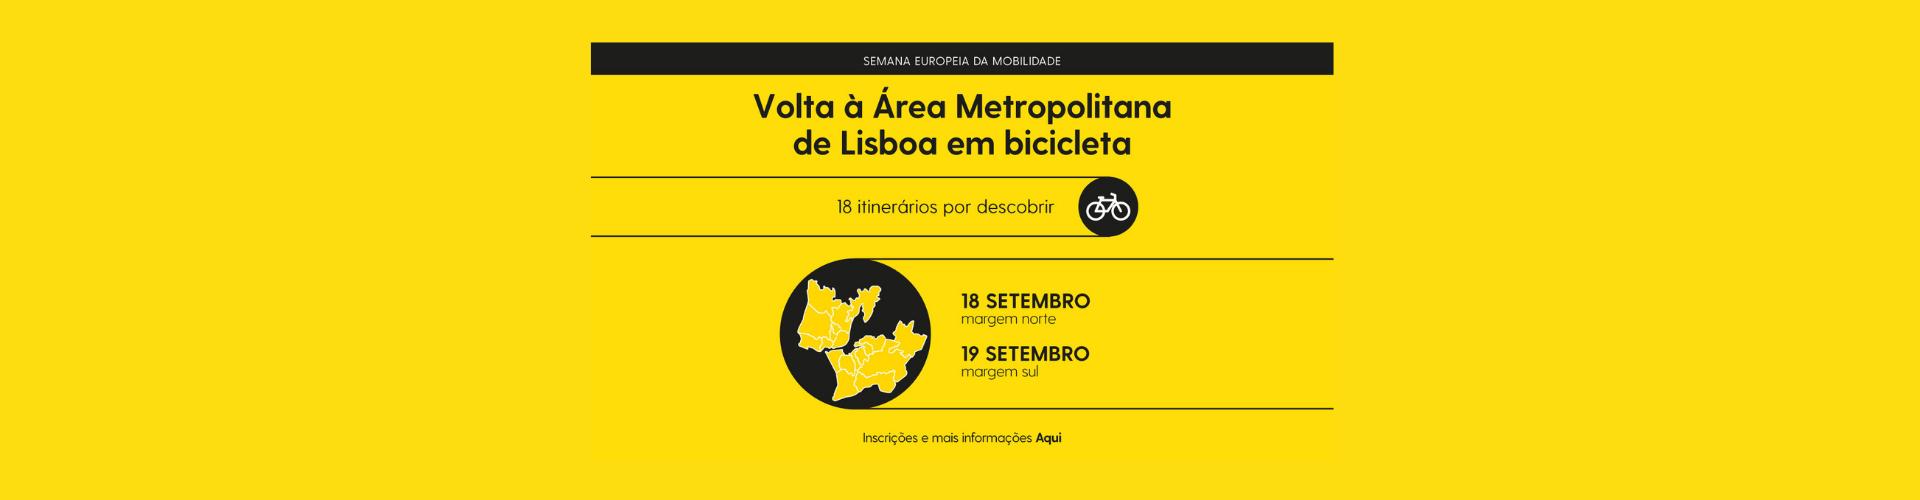 VOLTA ÀÁREA METROPOLITANA DE LISBOA EM BICICLETA